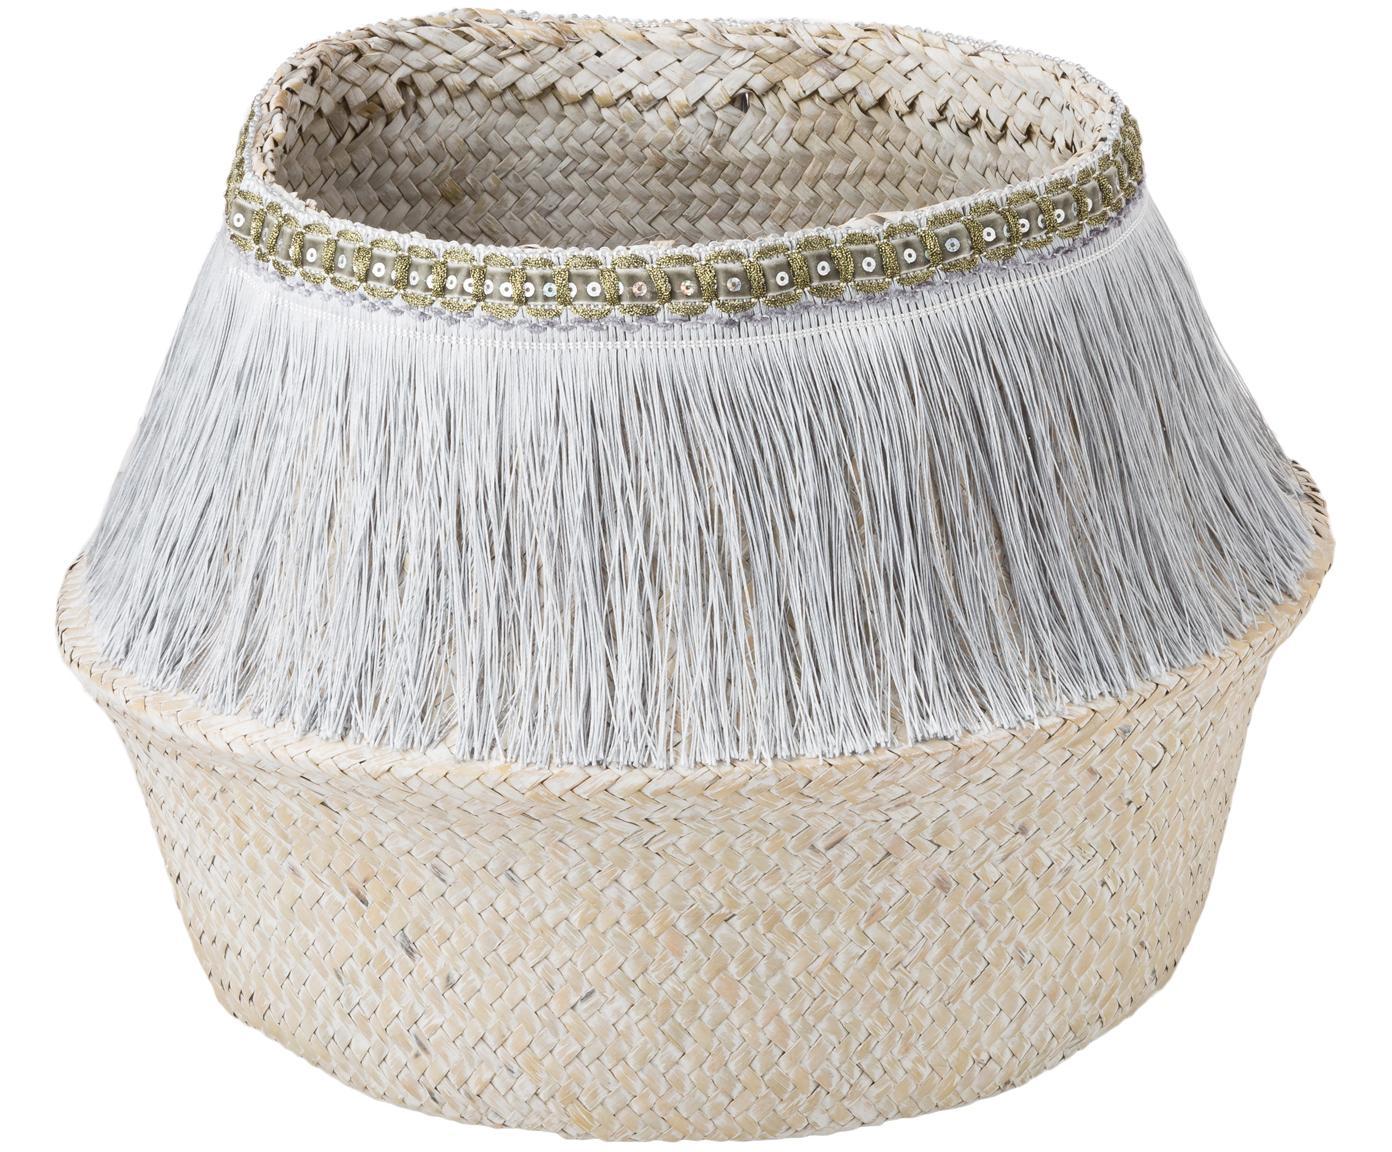 Ręcznie wykonany kosz do przechowywania Frans, Odcienie srebrnego, biały, Ø 35 x W 25 cm